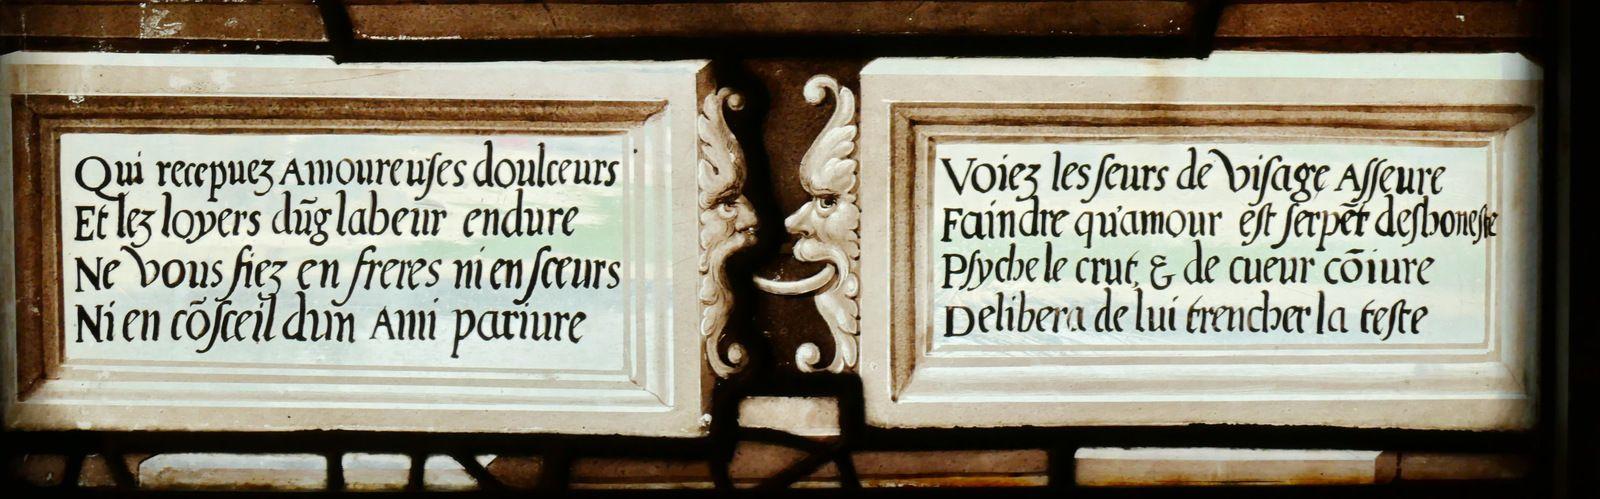 Galerie de Psyché du château de Chantilly. Photographie lavieb-aile.